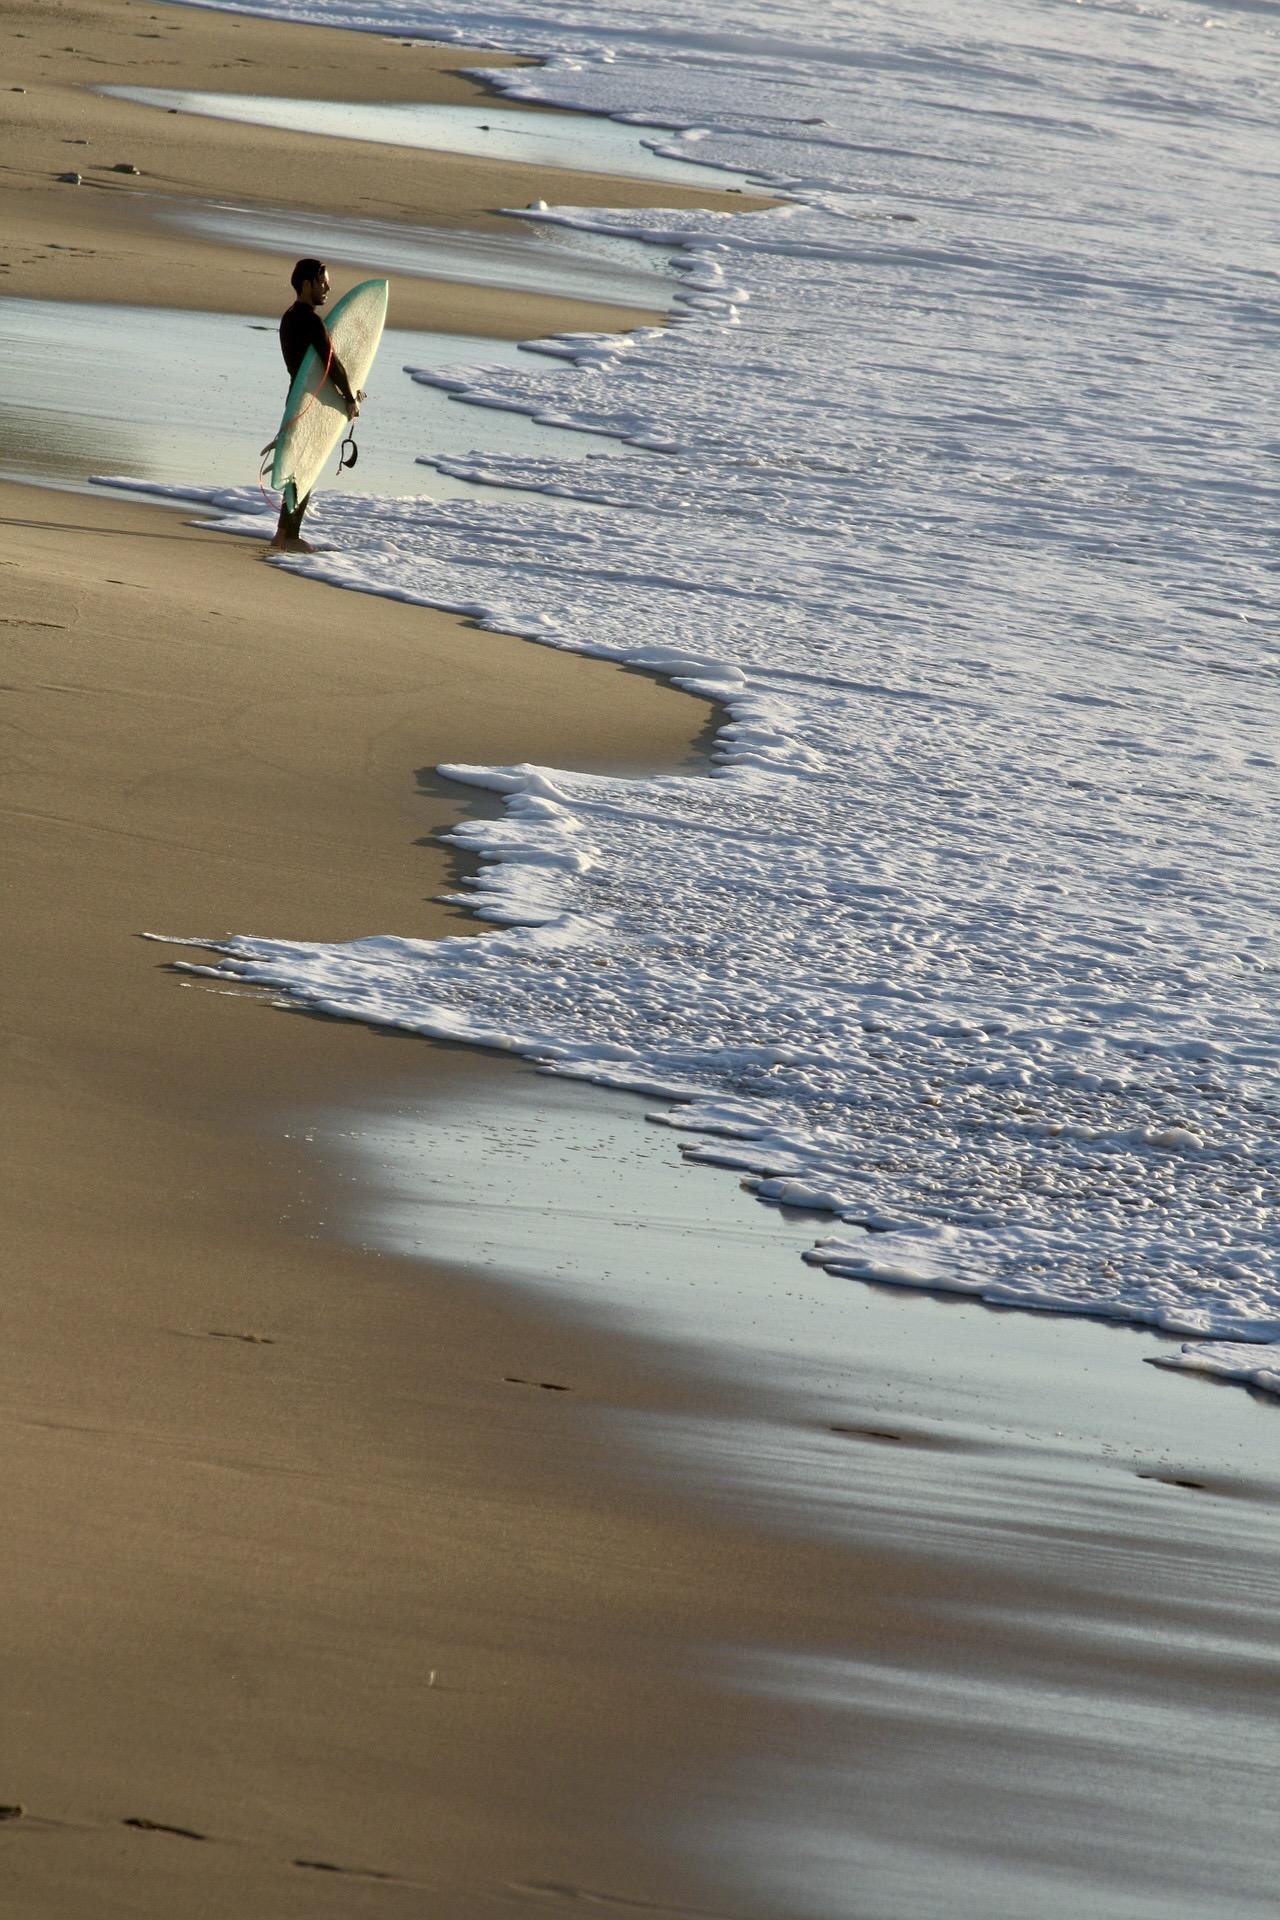 Surfen an der Atlantikküste in Frankreich